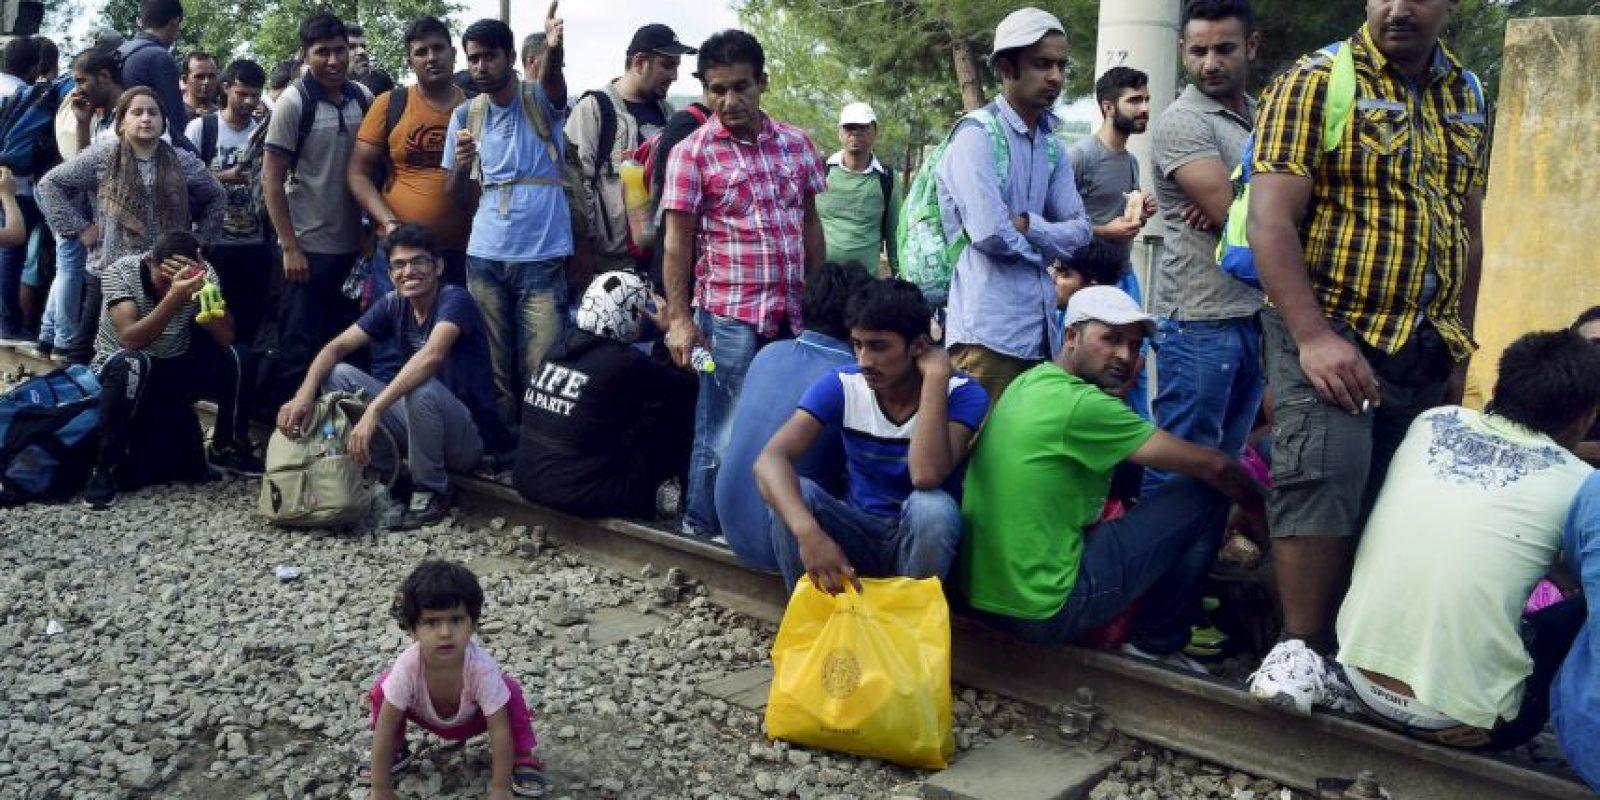 Más de tres mil 400 inmigrantes han sido rescatados por la Guardia Costanera italiana este fin de semana. Foto:Getty Images